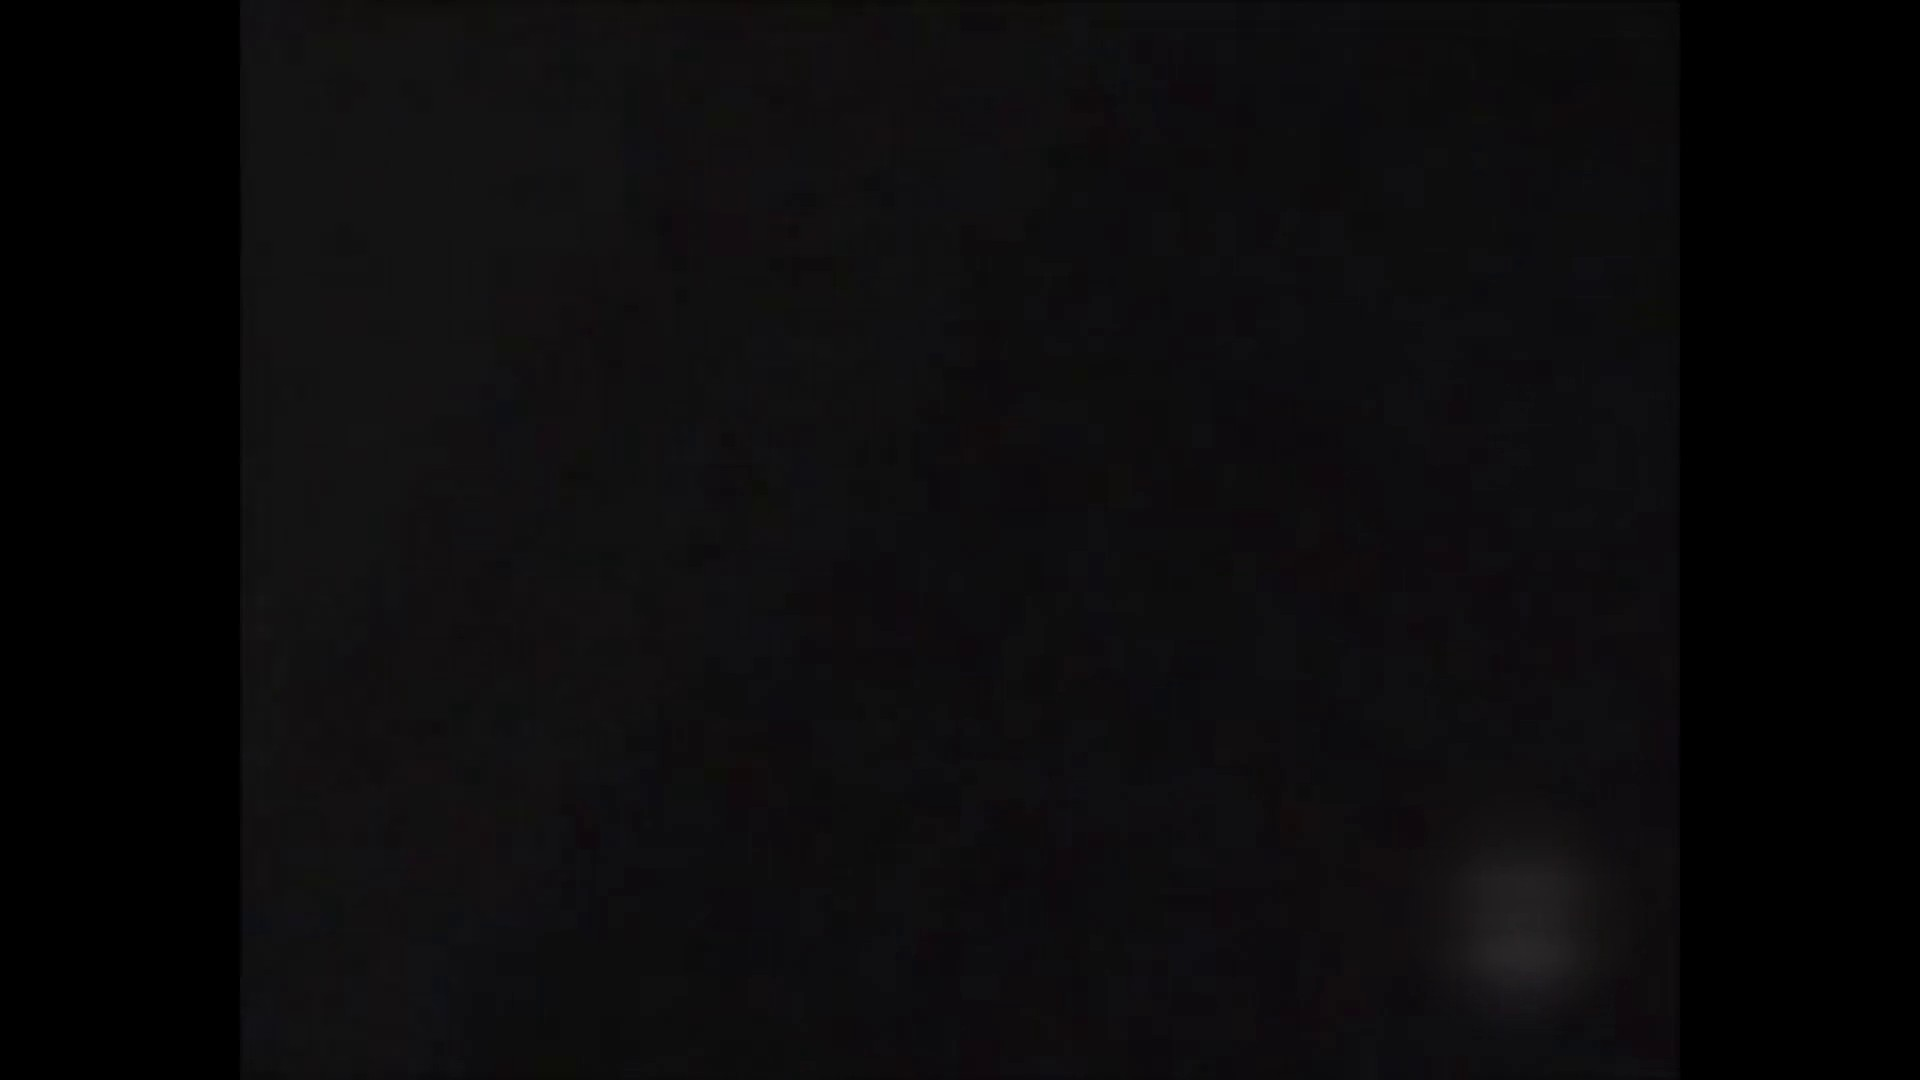 闇の性獣 レ●プ闇の事件簿 企画 | 期間限定  79連発 58